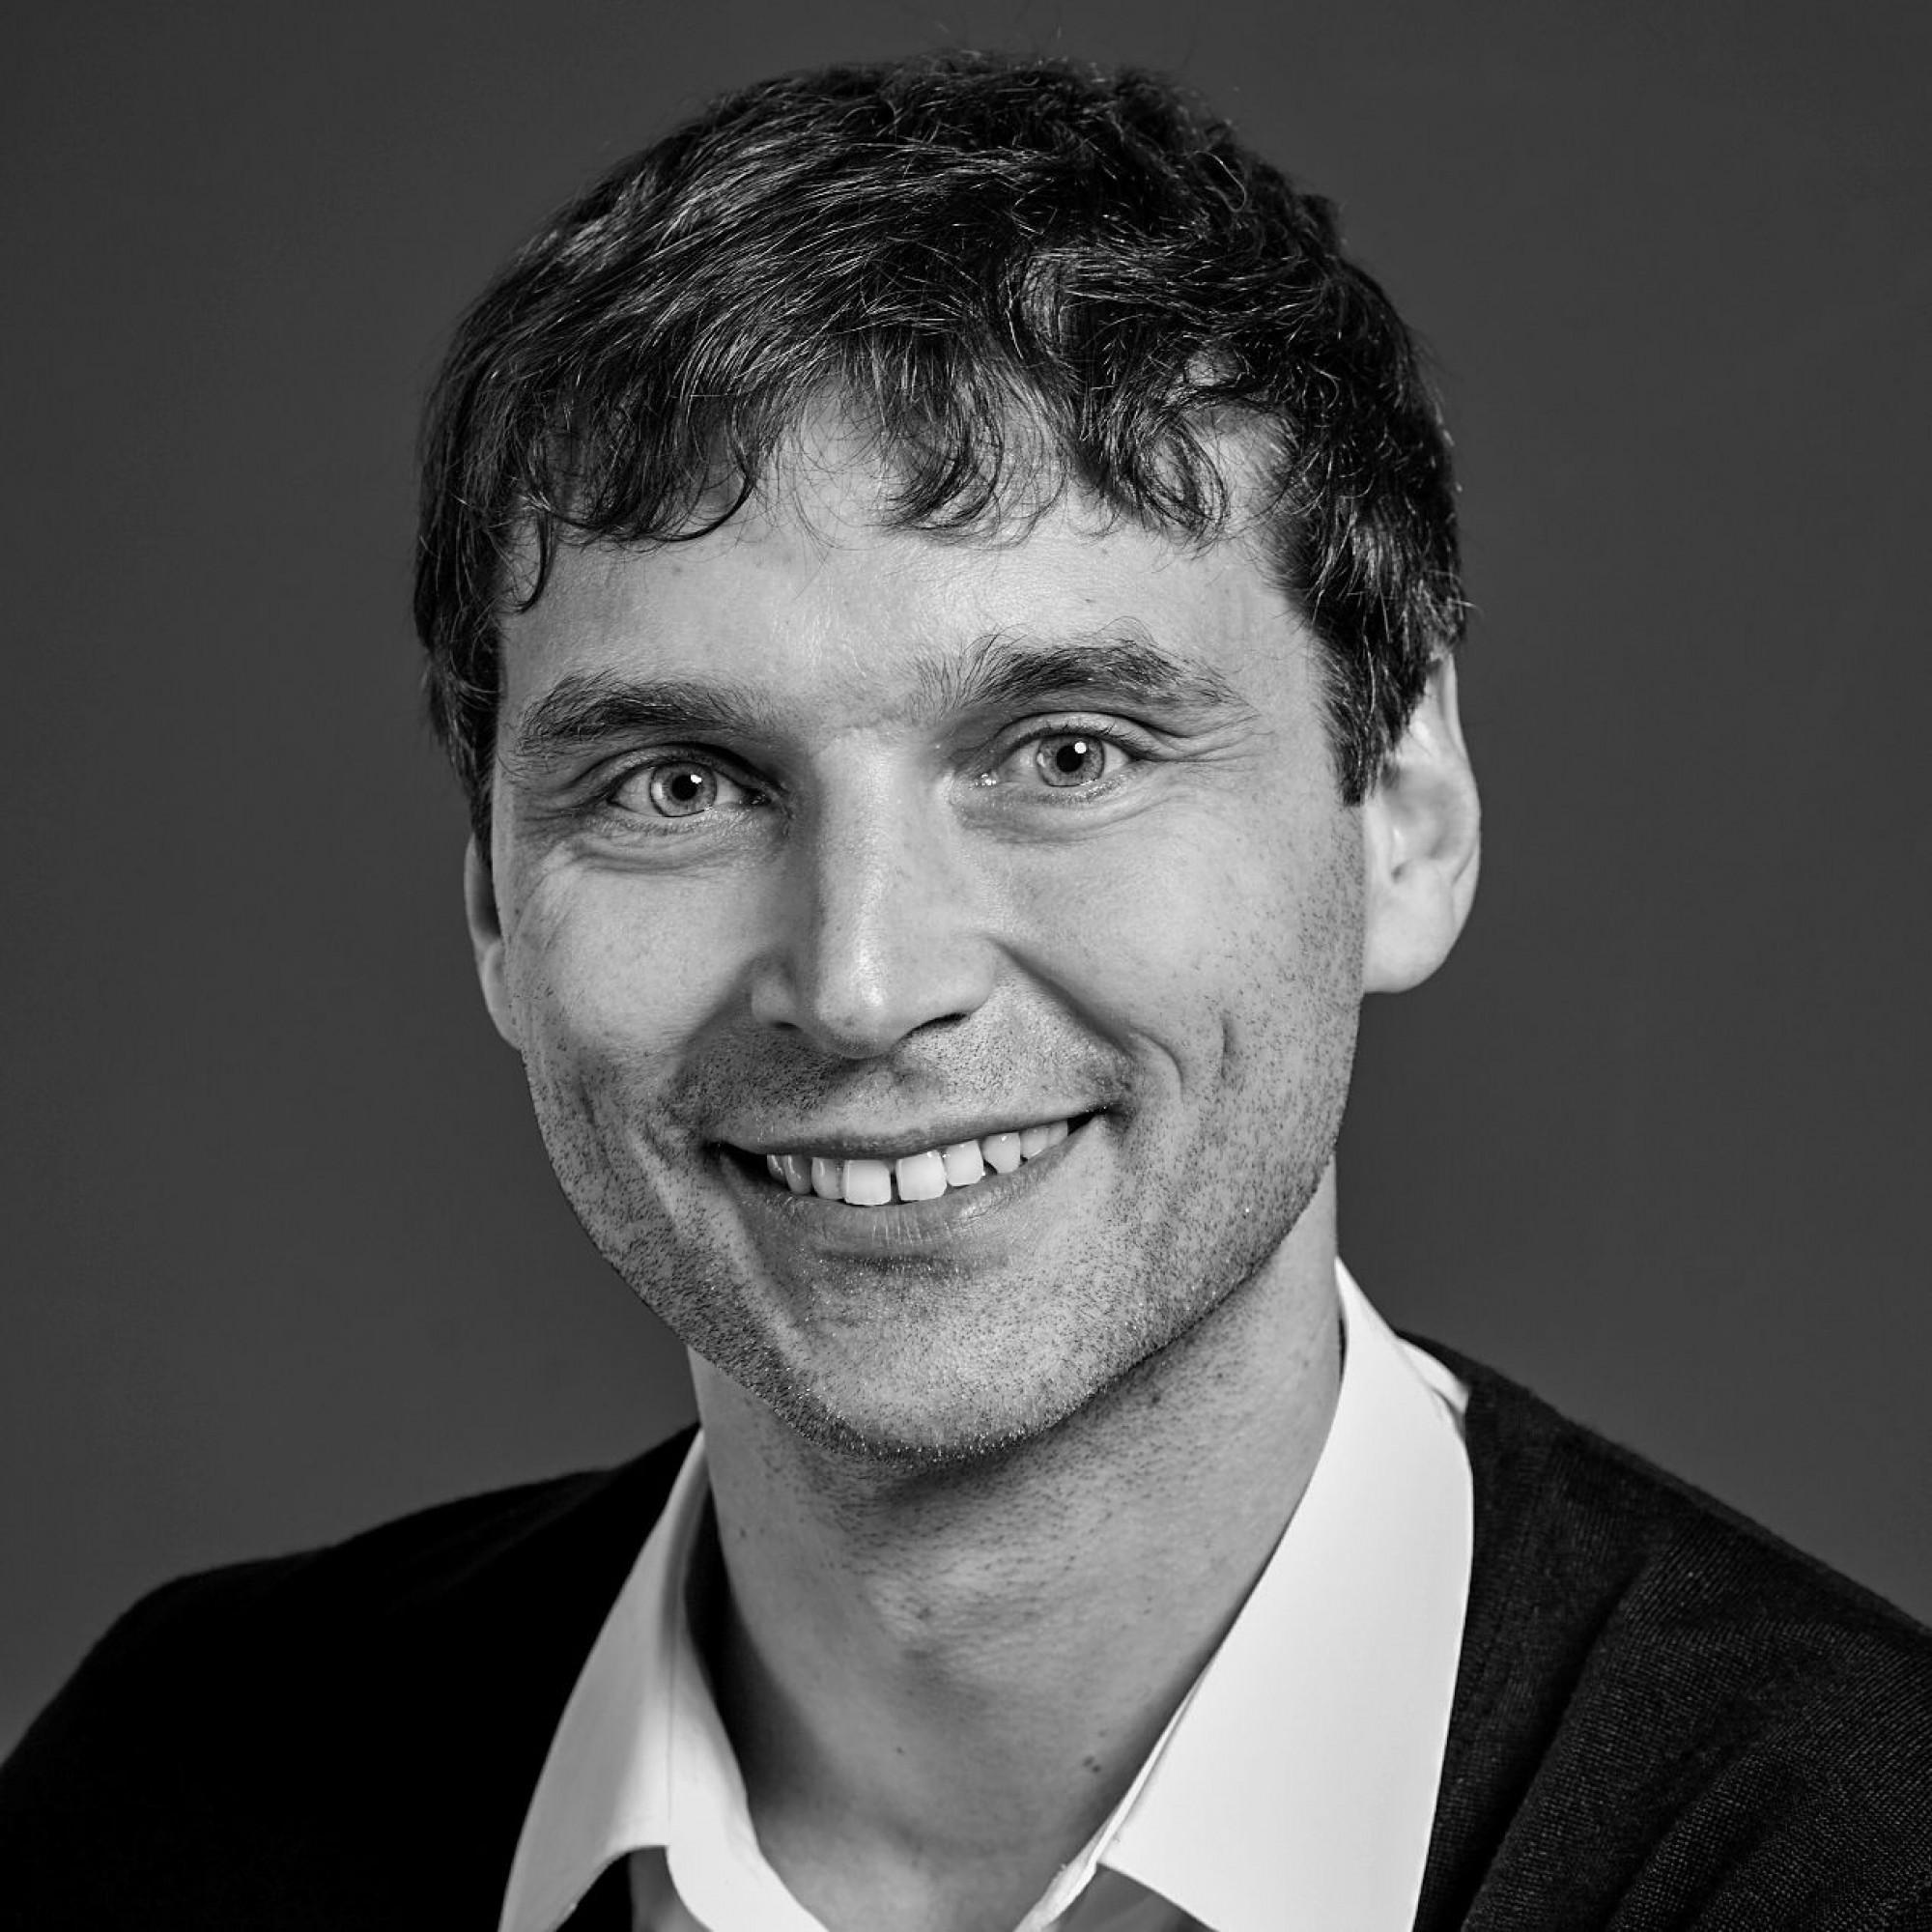 Christian Zerreis ist Architekt und Projektleiter für den Schindler Campus beim Architekturbüro Burckhardt + Partner.